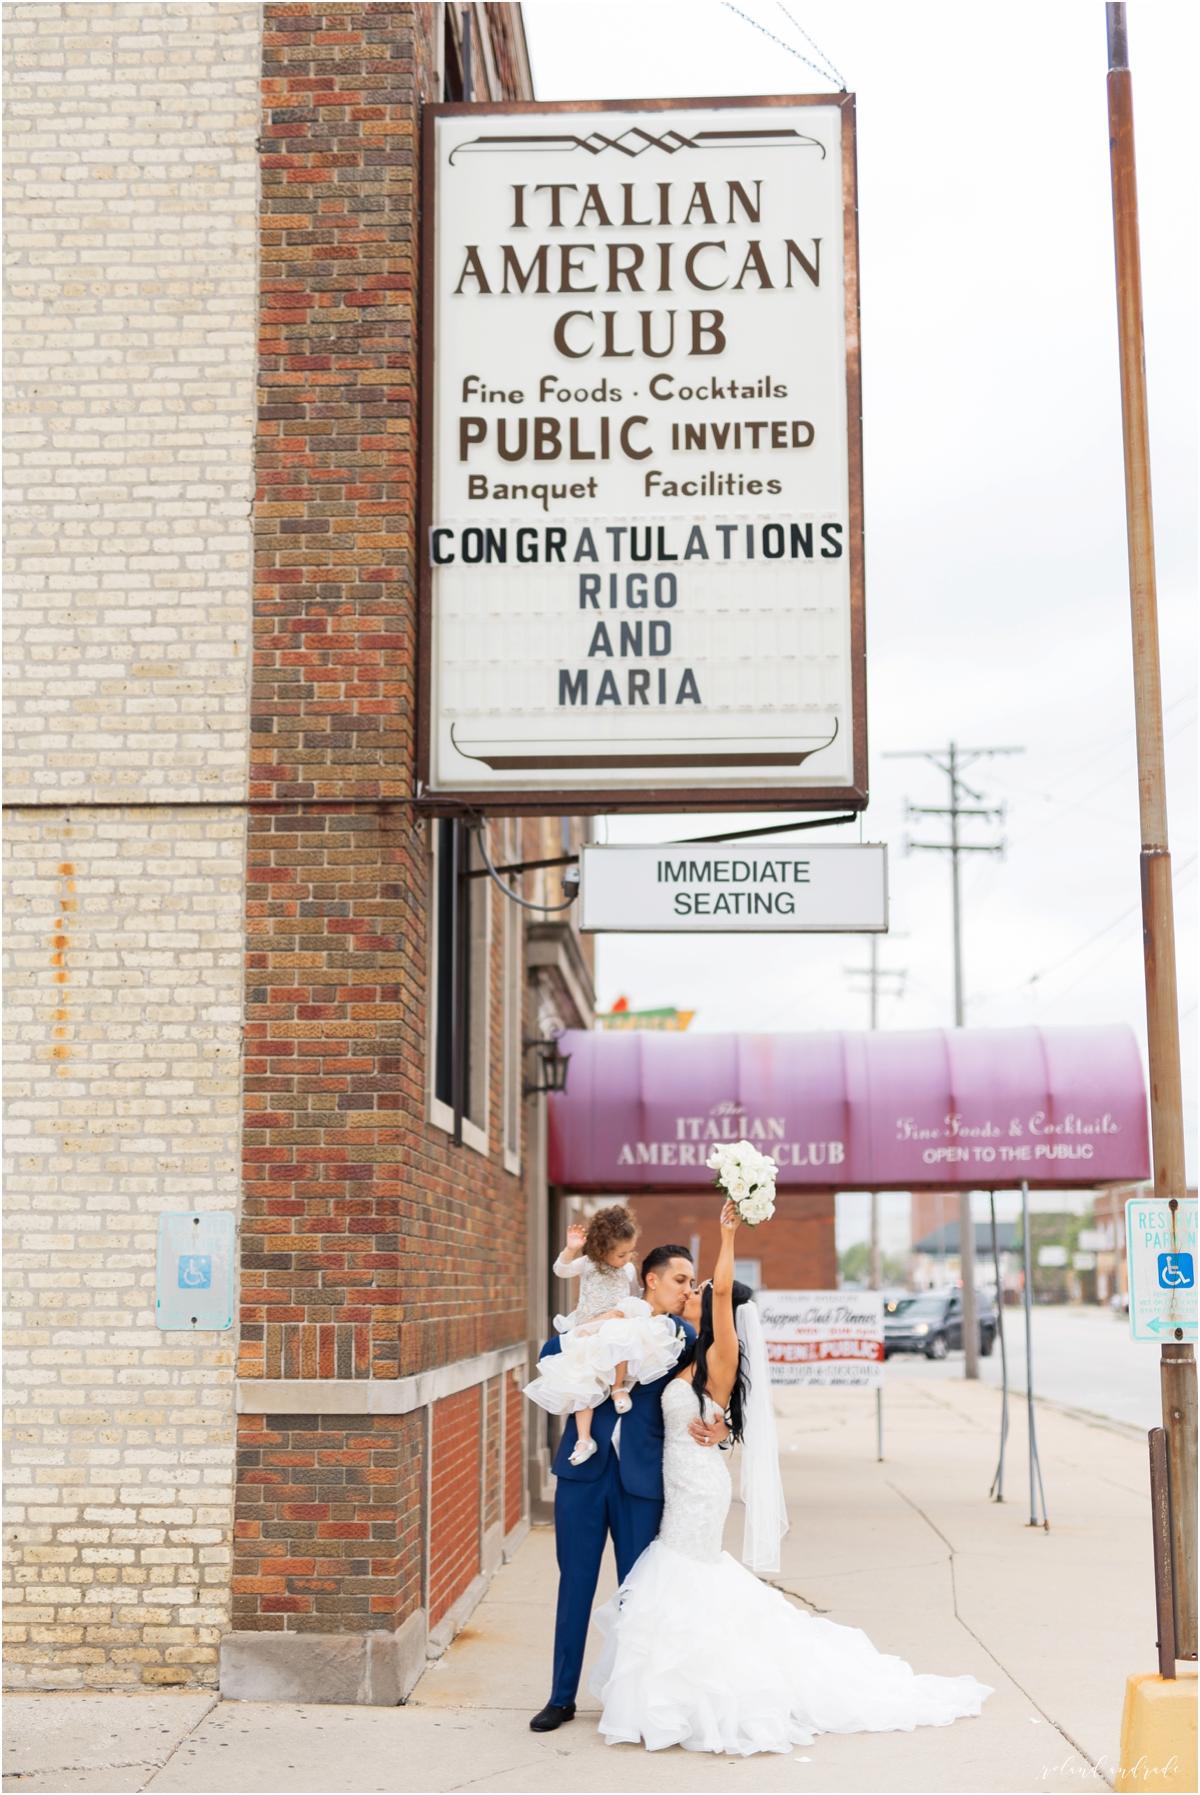 Italian American Society Wedding in Kenosha Wisconsin, Kenosha Wisconsin Wedding Photographer, Chicago Wedding Photography Kenosha Mexican Italian Wedding_0050.jpg